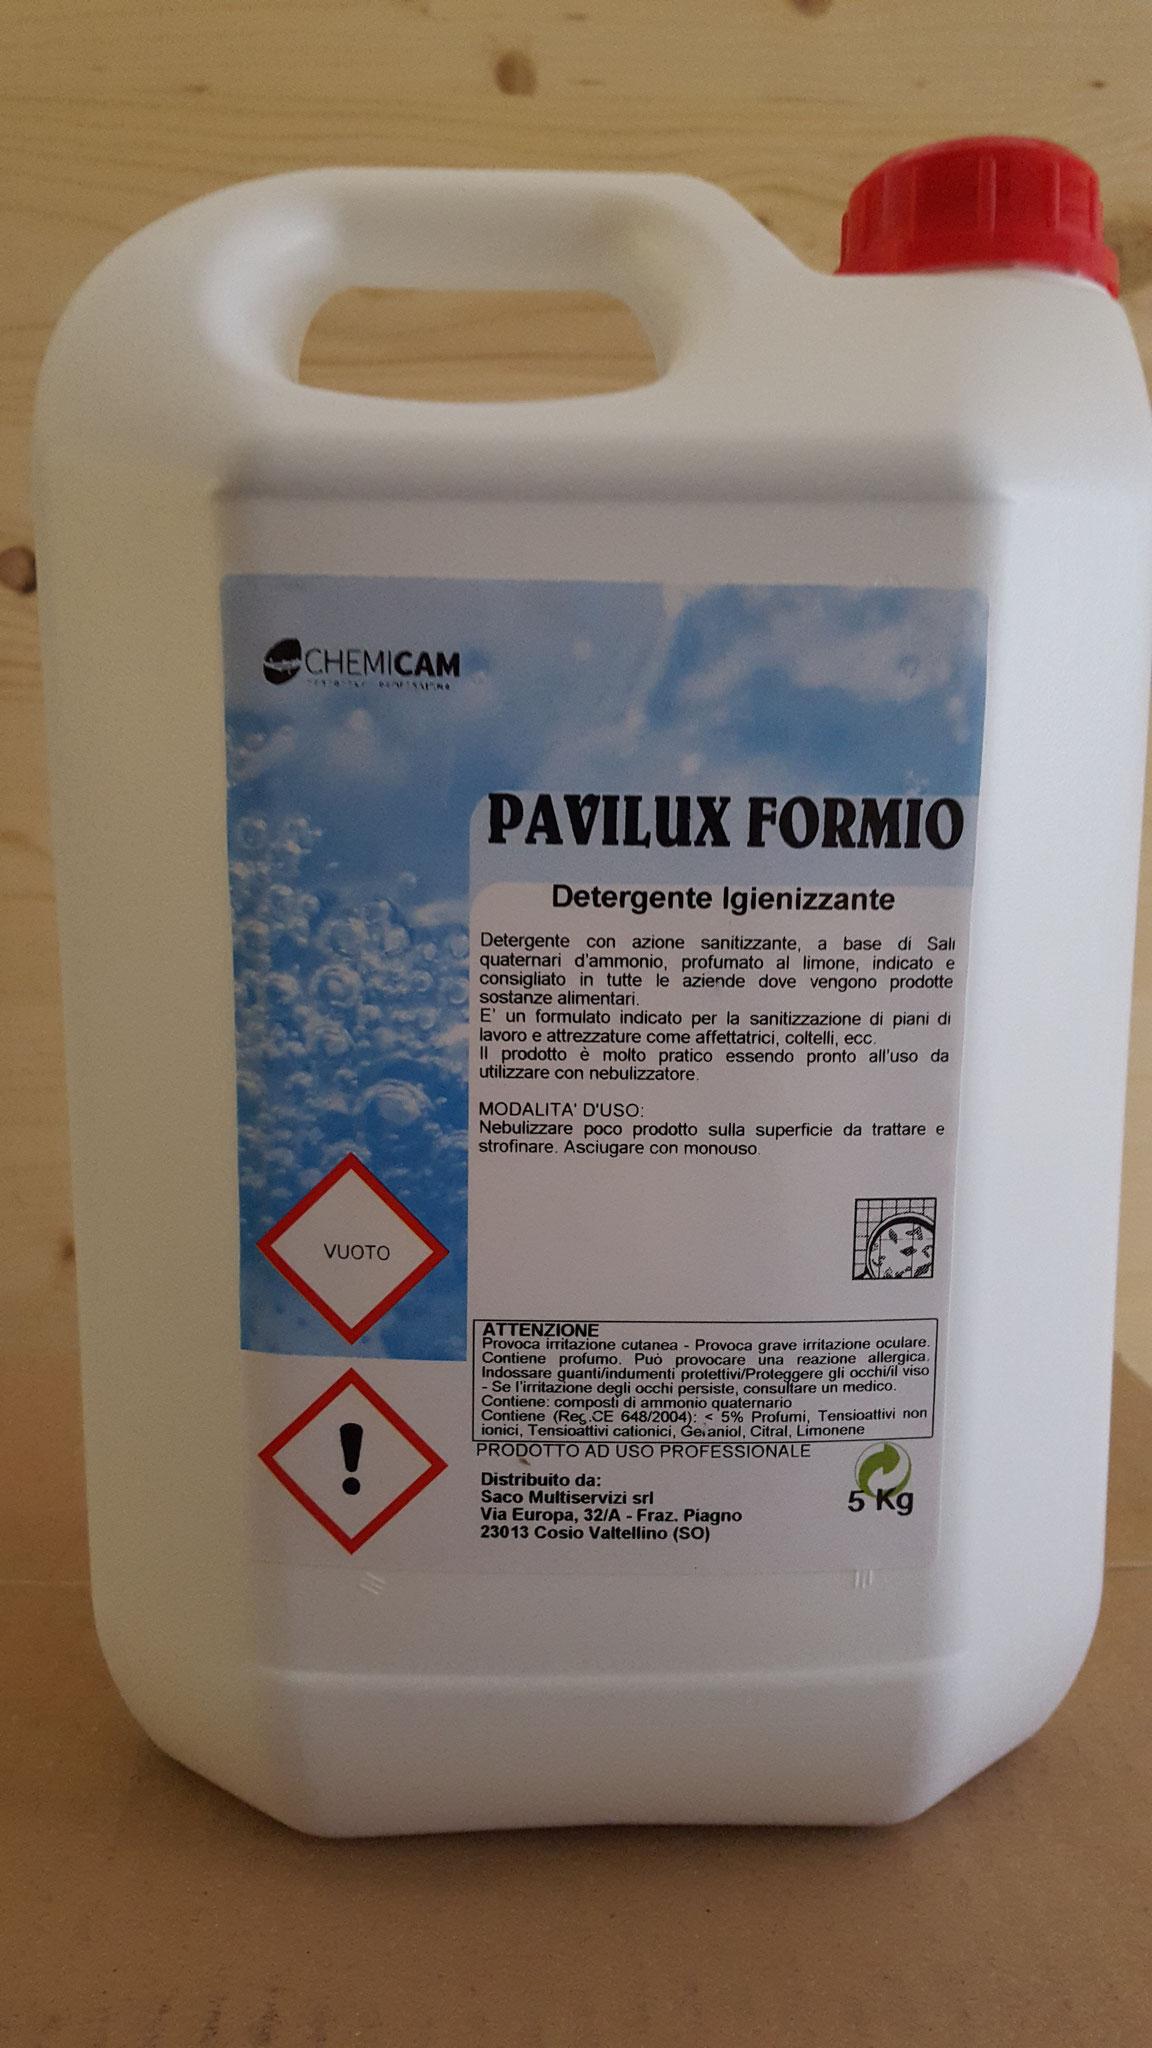 PAVILUX FORMIO - Detergente neutro sanitizzante profumato.Riduce lo sporco,carica batterica e profuma l'ambiente.